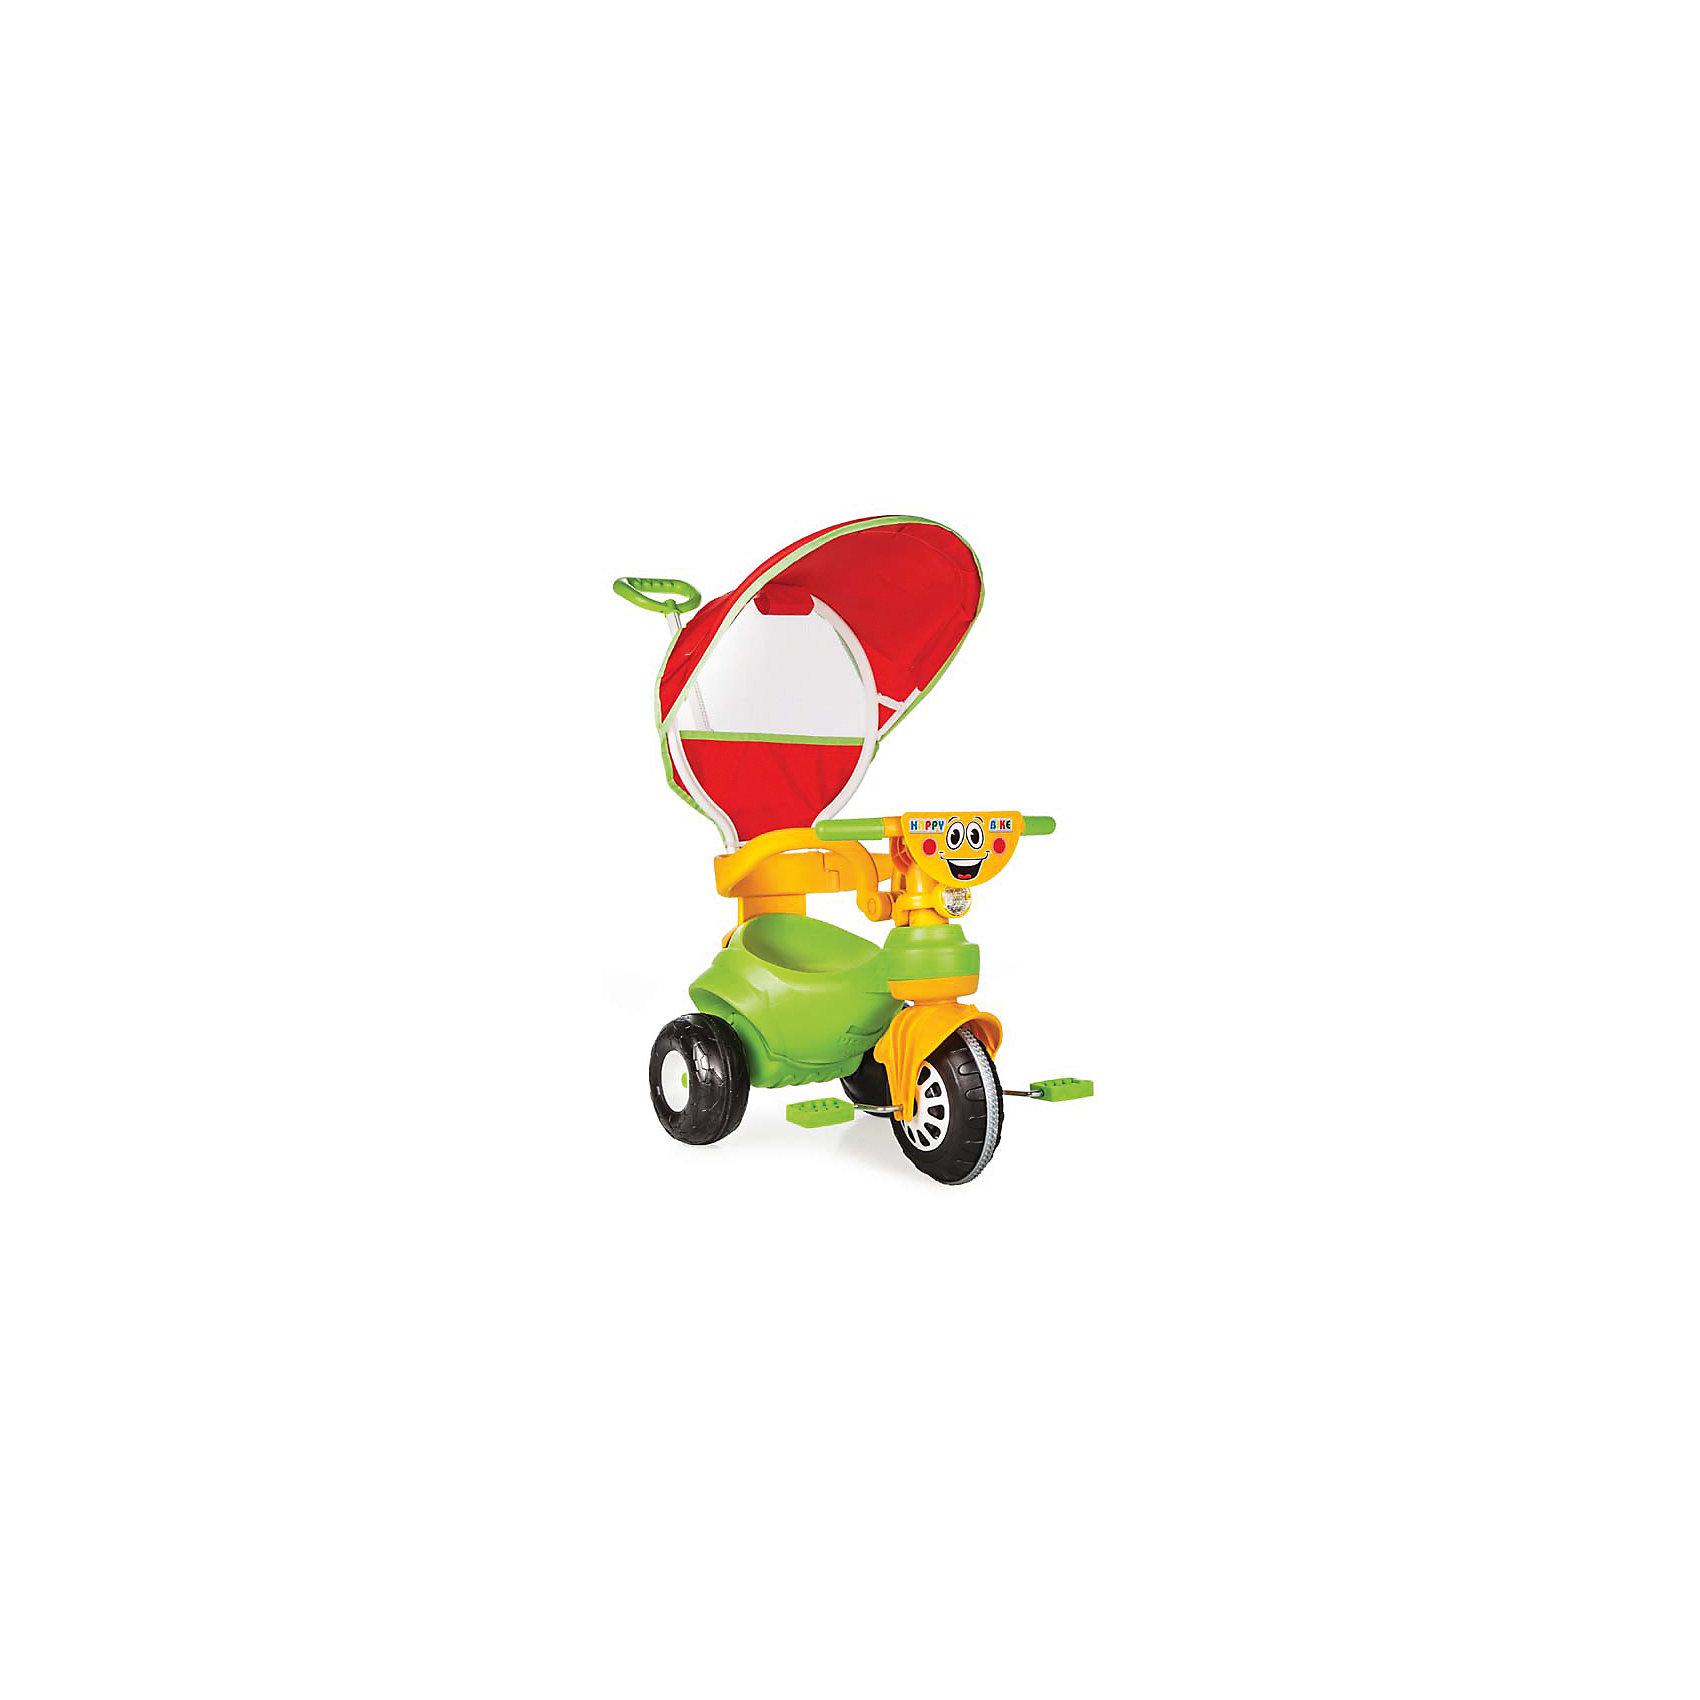 Велосипед HAPPY с р/у и крышей в коробке, PILSANВелосипеды детские<br>Велосипед HAPPY с р/у и крышей в коробке, PILSAN (Пилсан)<br><br>Характеристики:<br><br>• эргономичная форма сиденья<br>• родительская ручка управления<br>• устойчивые колеса<br>• ограничители<br>• система блокировки педалей<br>• защита от солнца<br>• максимальная нагрузка: 50 кг<br>• материал: пластик<br>• размер упаковки: 49х67х41 см<br>• вес: 4,84 кг<br><br>Яркий велосипед HAPPY поможет ребенку передвигаться самостоятельно или при помощи родителей. Велосипед оснащен ограничителями, препятствующими падению малыша. Родительская ручка управления позволит вам контролировать процесс поездки. Устойчивые колеса хорошо передвигаются по дороге. Зонт защитит ребенка от воздействия прямых солнечных лучей. Красочная расцветка придется по вкусу вашему малышу! Способствует развитию координации и опорно-двигательного аппарата. Велосипед изготовлен из высококачественного пластика. Максимальная нагрузка - 50 кг.<br><br>Велосипед HAPPY с р/у и крышей в коробке, PILSAN (Пилсан) вы можете купить в нашем интернет-магазине.<br><br>Ширина мм: 410<br>Глубина мм: 670<br>Высота мм: 490<br>Вес г: 4840<br>Возраст от месяцев: 24<br>Возраст до месяцев: 72<br>Пол: Унисекс<br>Возраст: Детский<br>SKU: 5512055